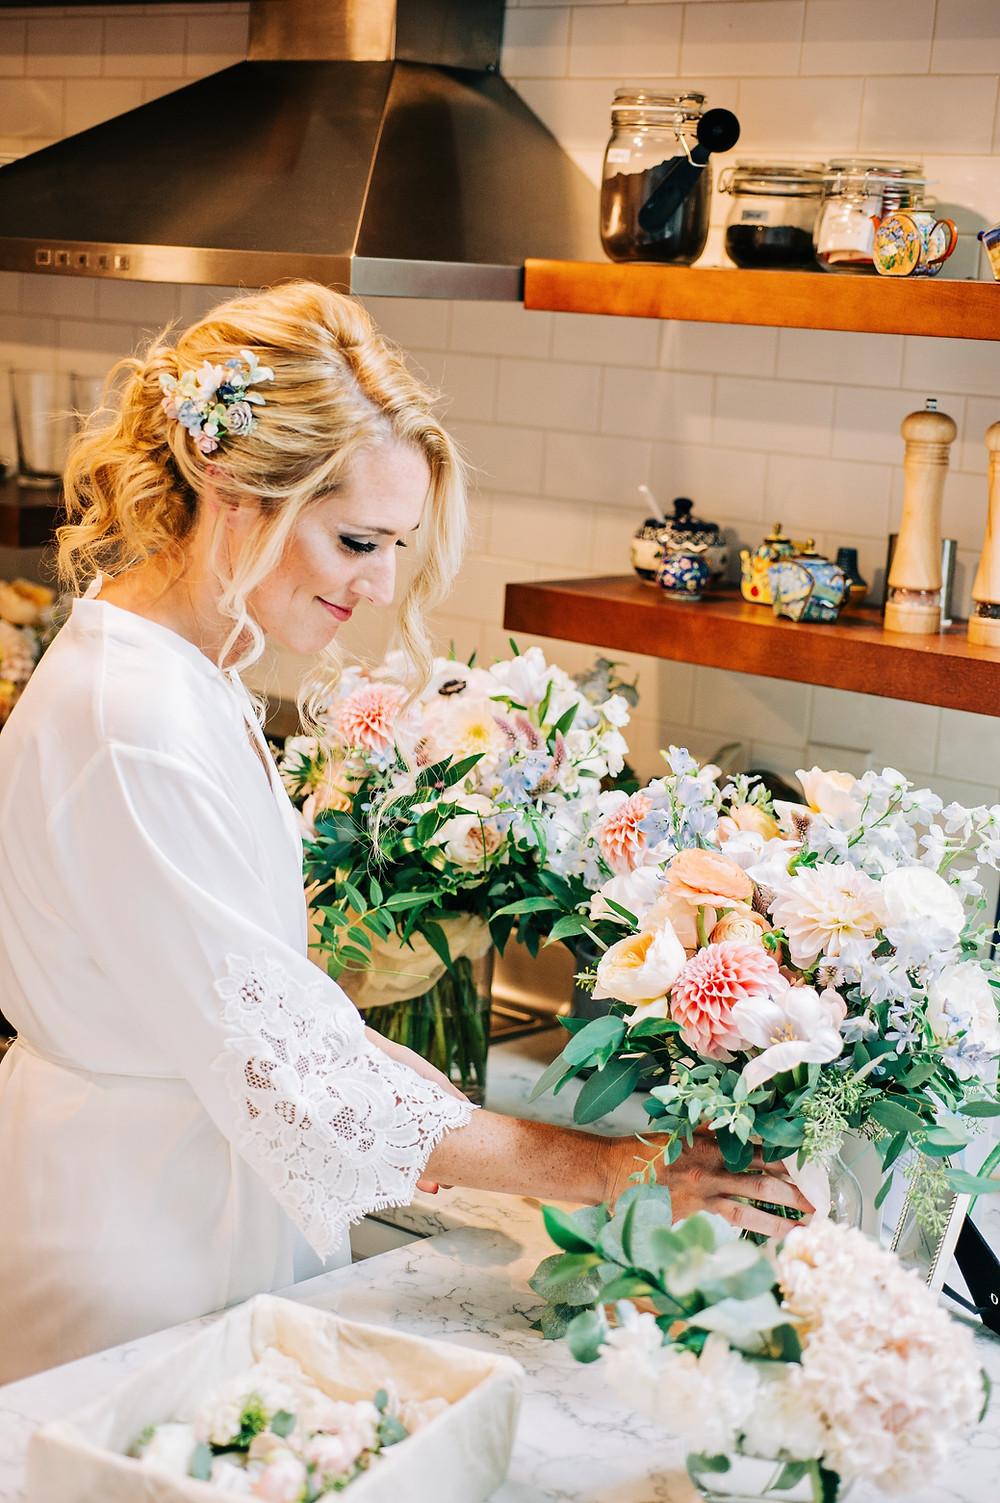 Blush & Light blue bridesmaids bouquets